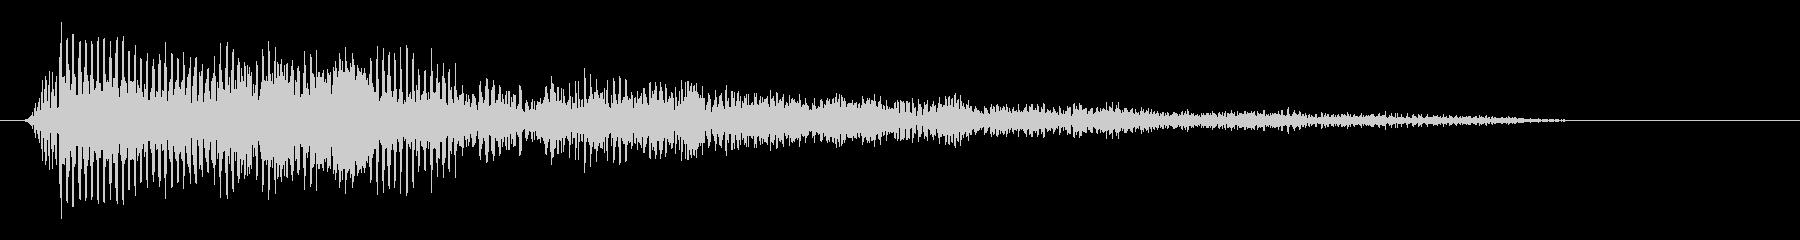 パァッ(キレのいいクラクションの音)の未再生の波形